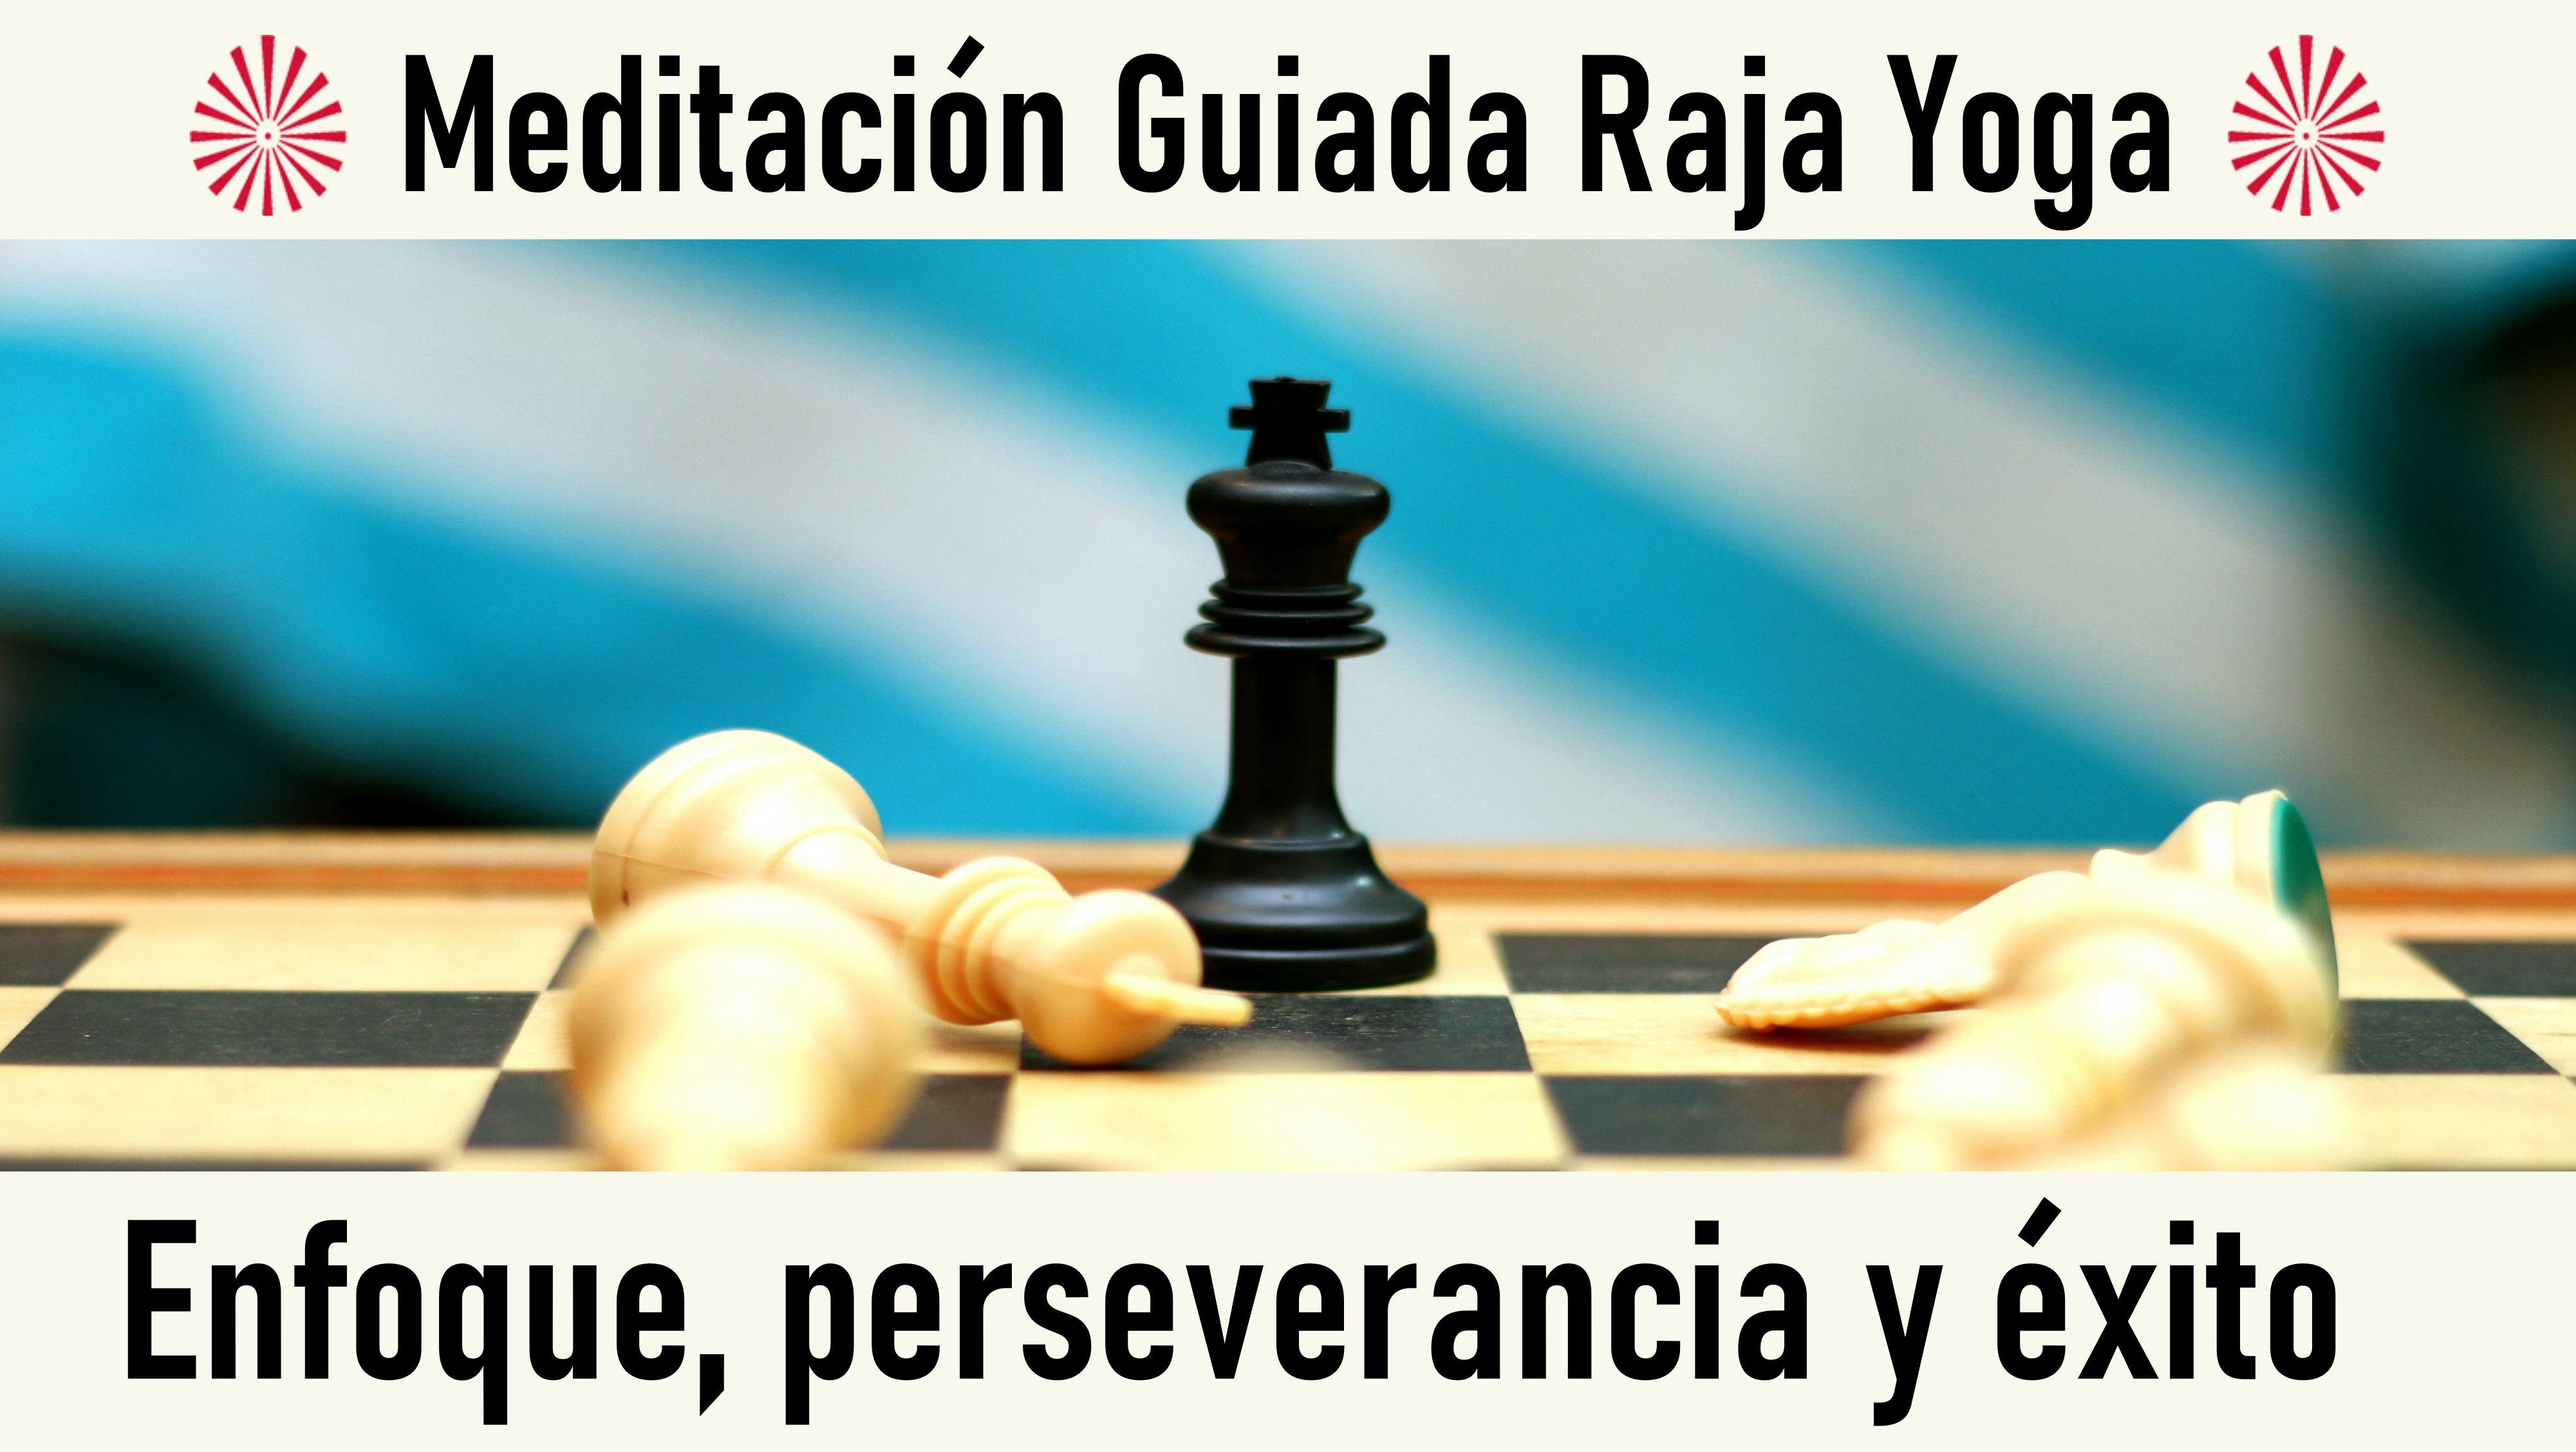 11 Octubre 2020  Meditación guiada: Enfoque, perseverancia y éxito